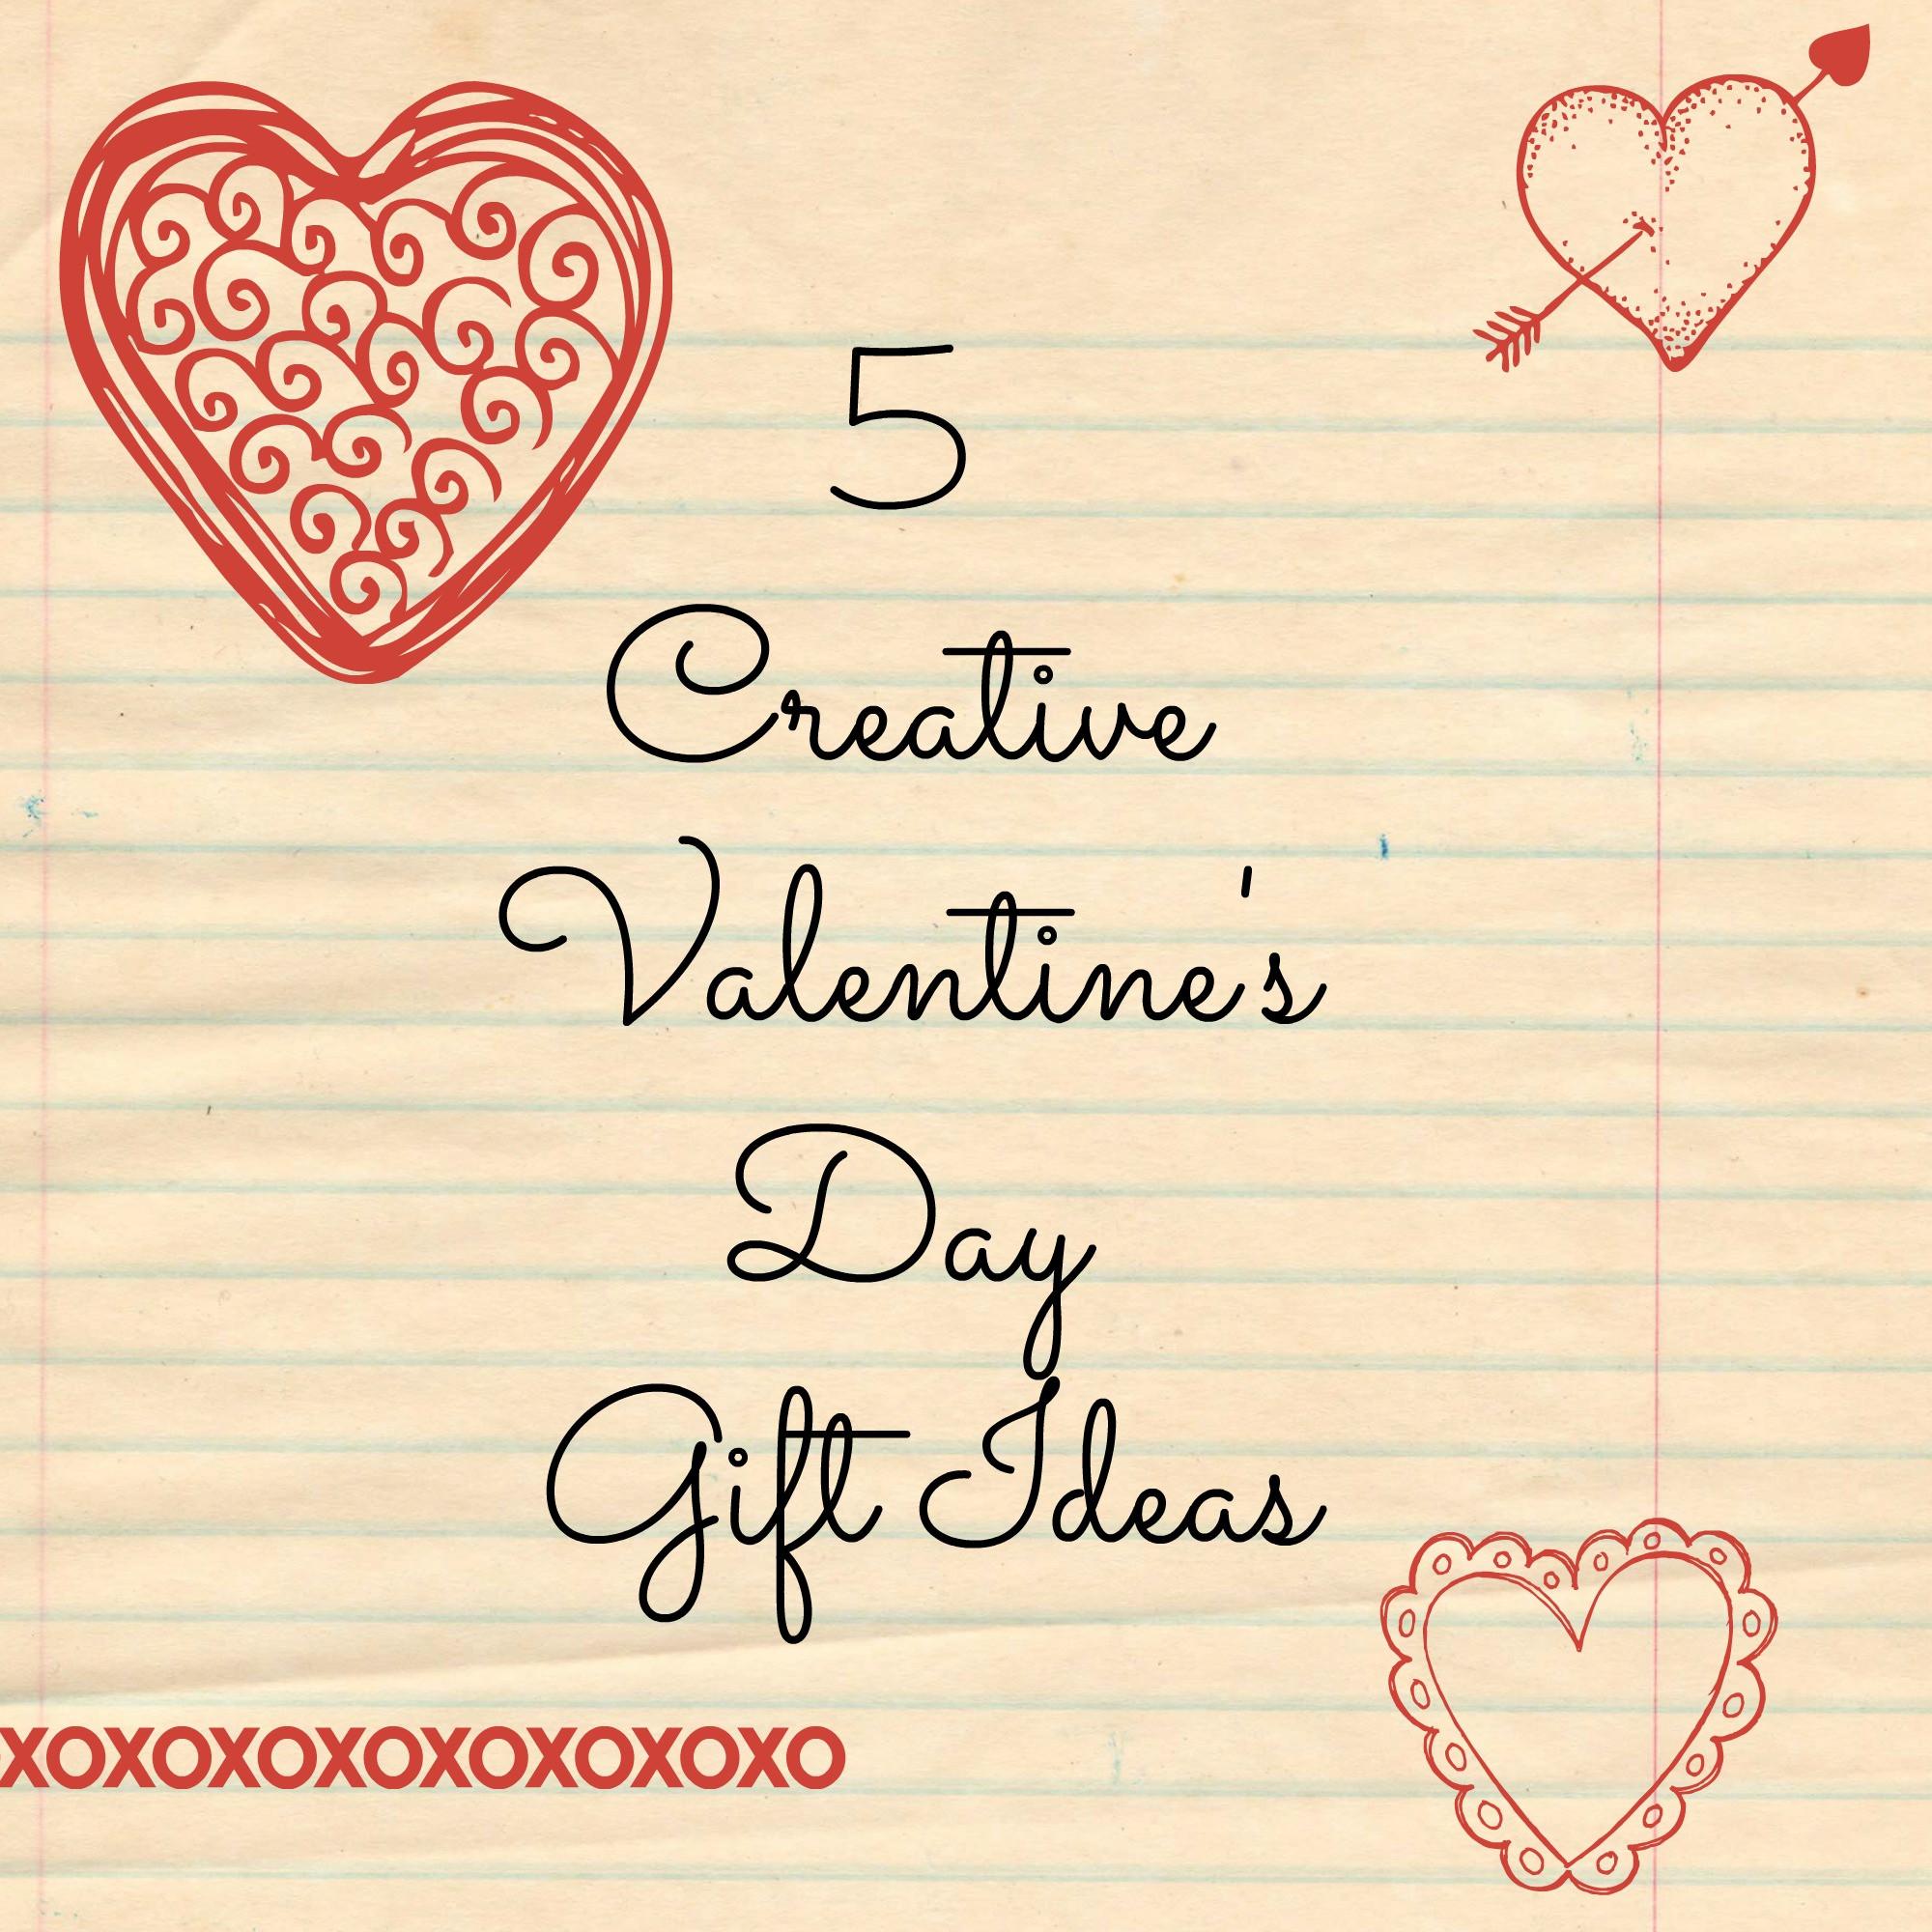 Valentines Creative Gift Ideas  5 Creative Valentine's Day Gift Ideas